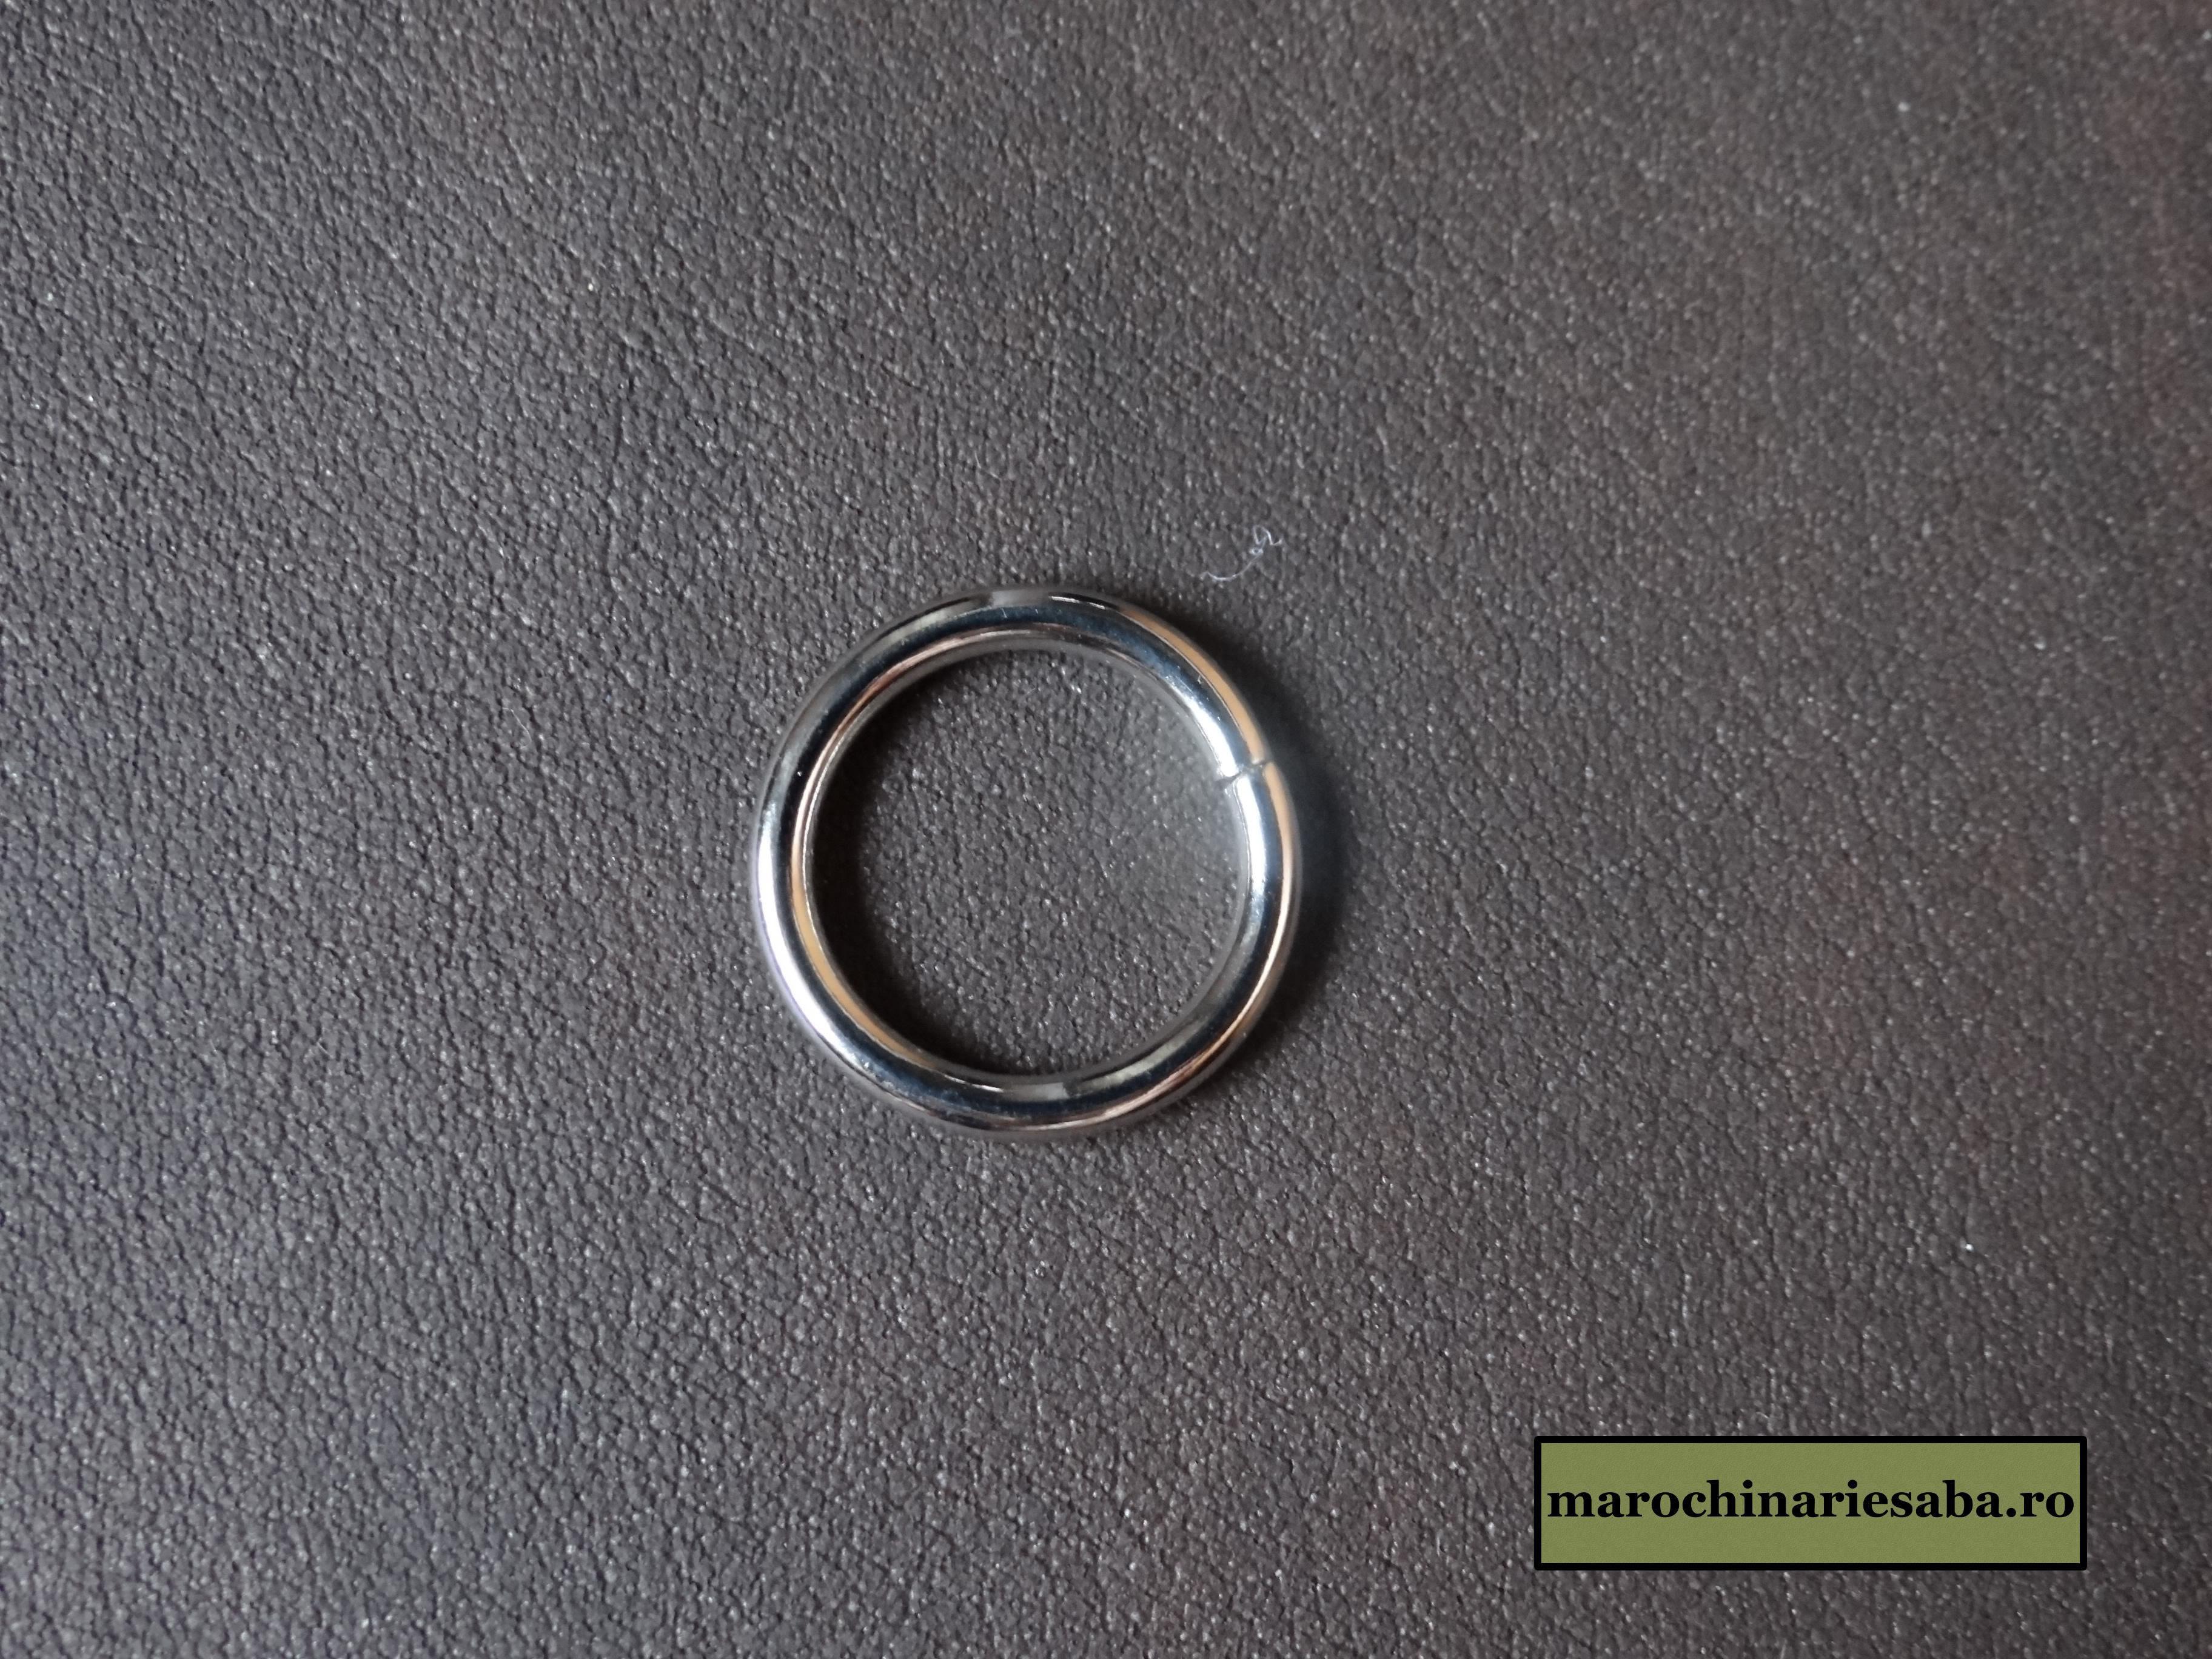 saba-inel-rotund-15mm-spta0100